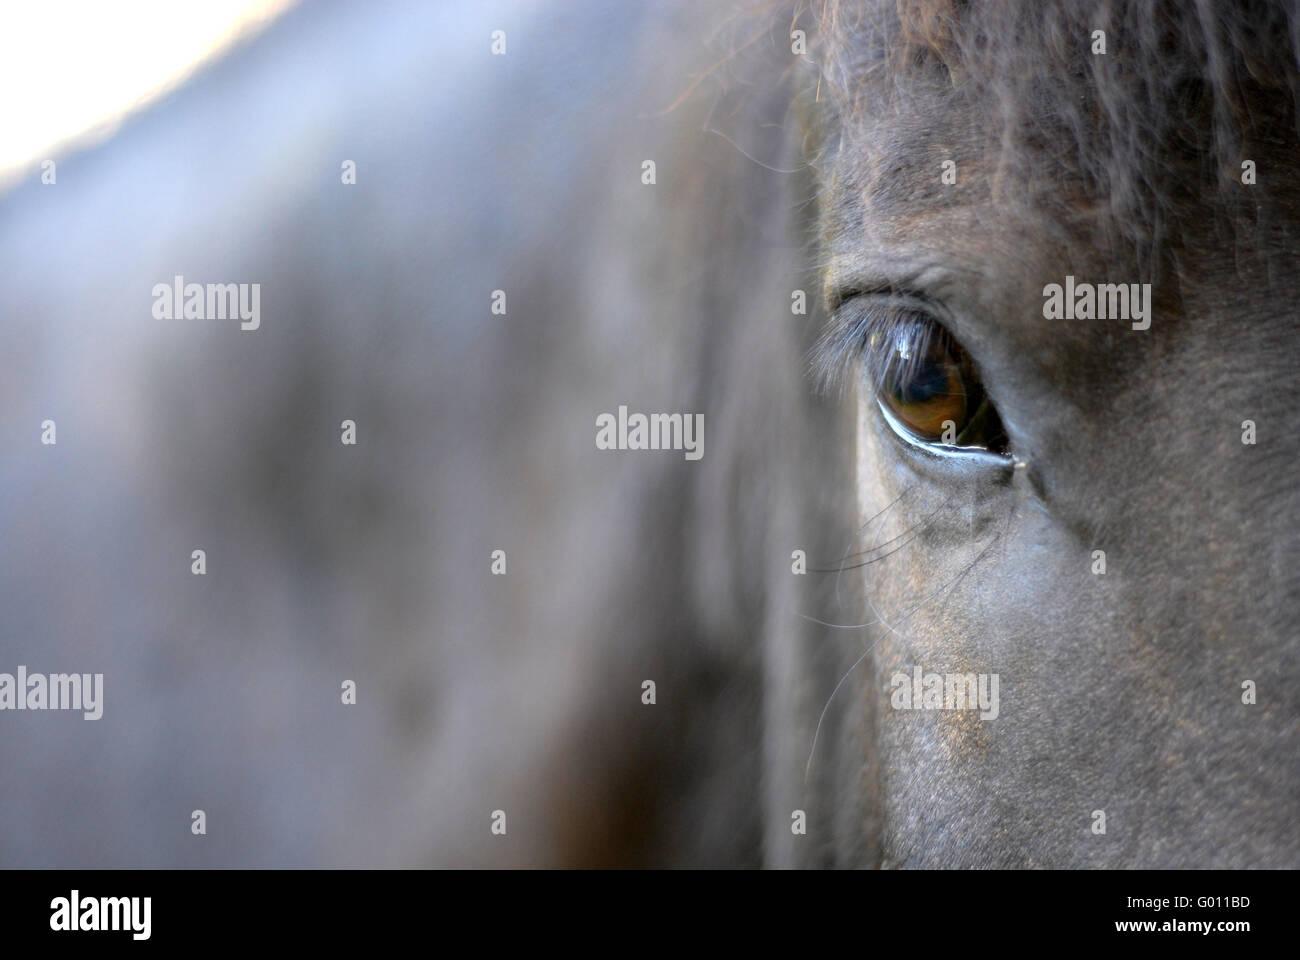 Horses Eye - Stock Image